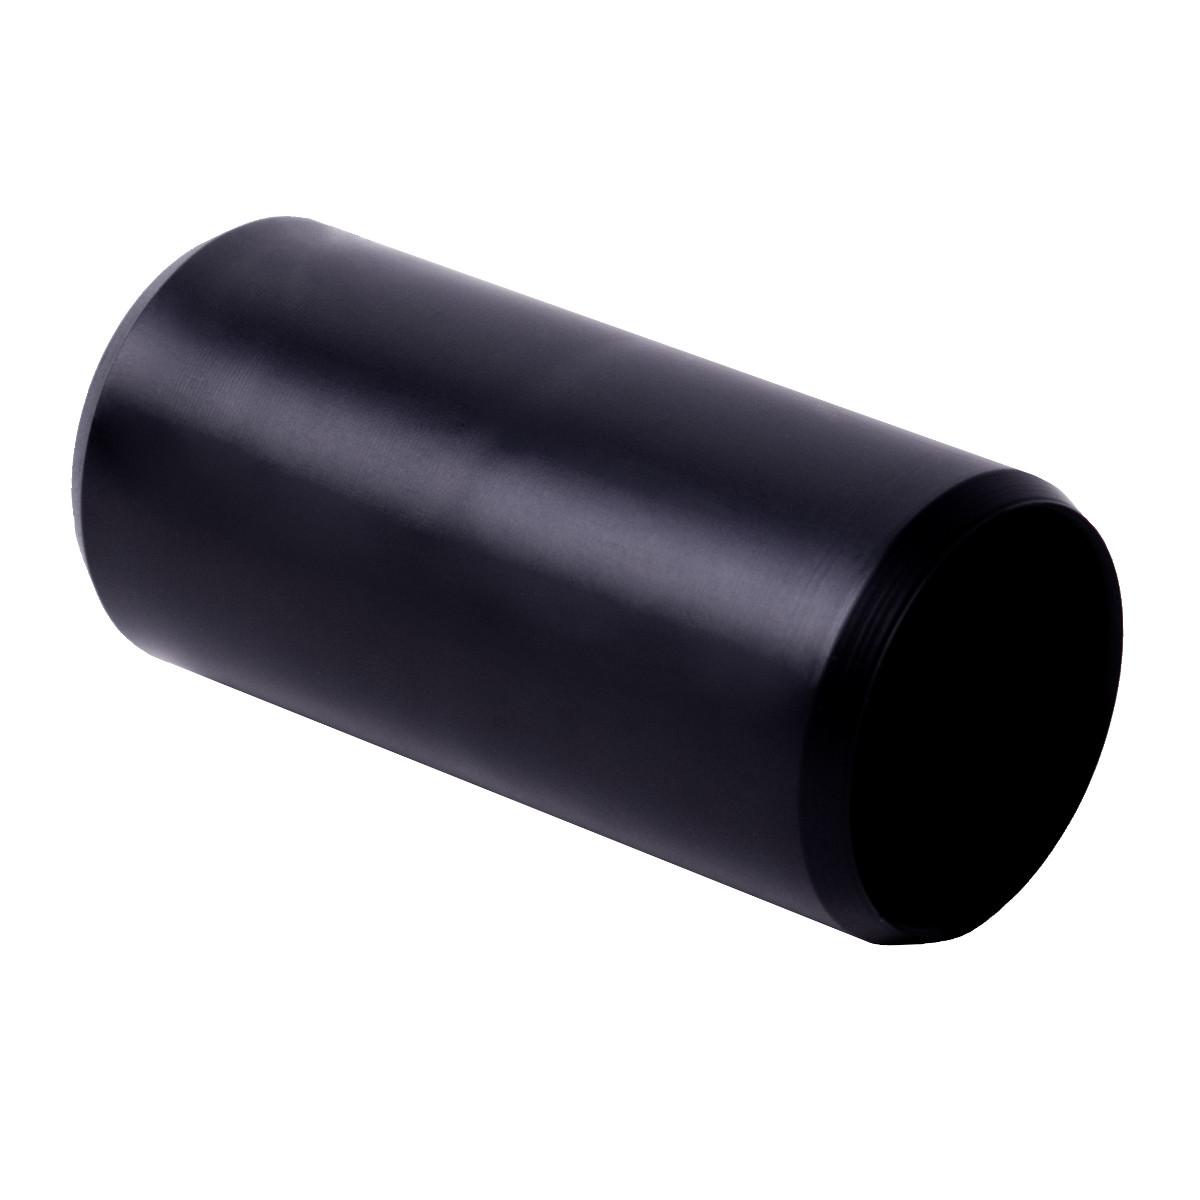 Муфта з'єднувальна для труби 32 мм; Ø32 мм; УФ-стійкі; полікарбонат; безгалогенна; t застосування -45-90 °с; чорна; Упаковка 10 шт